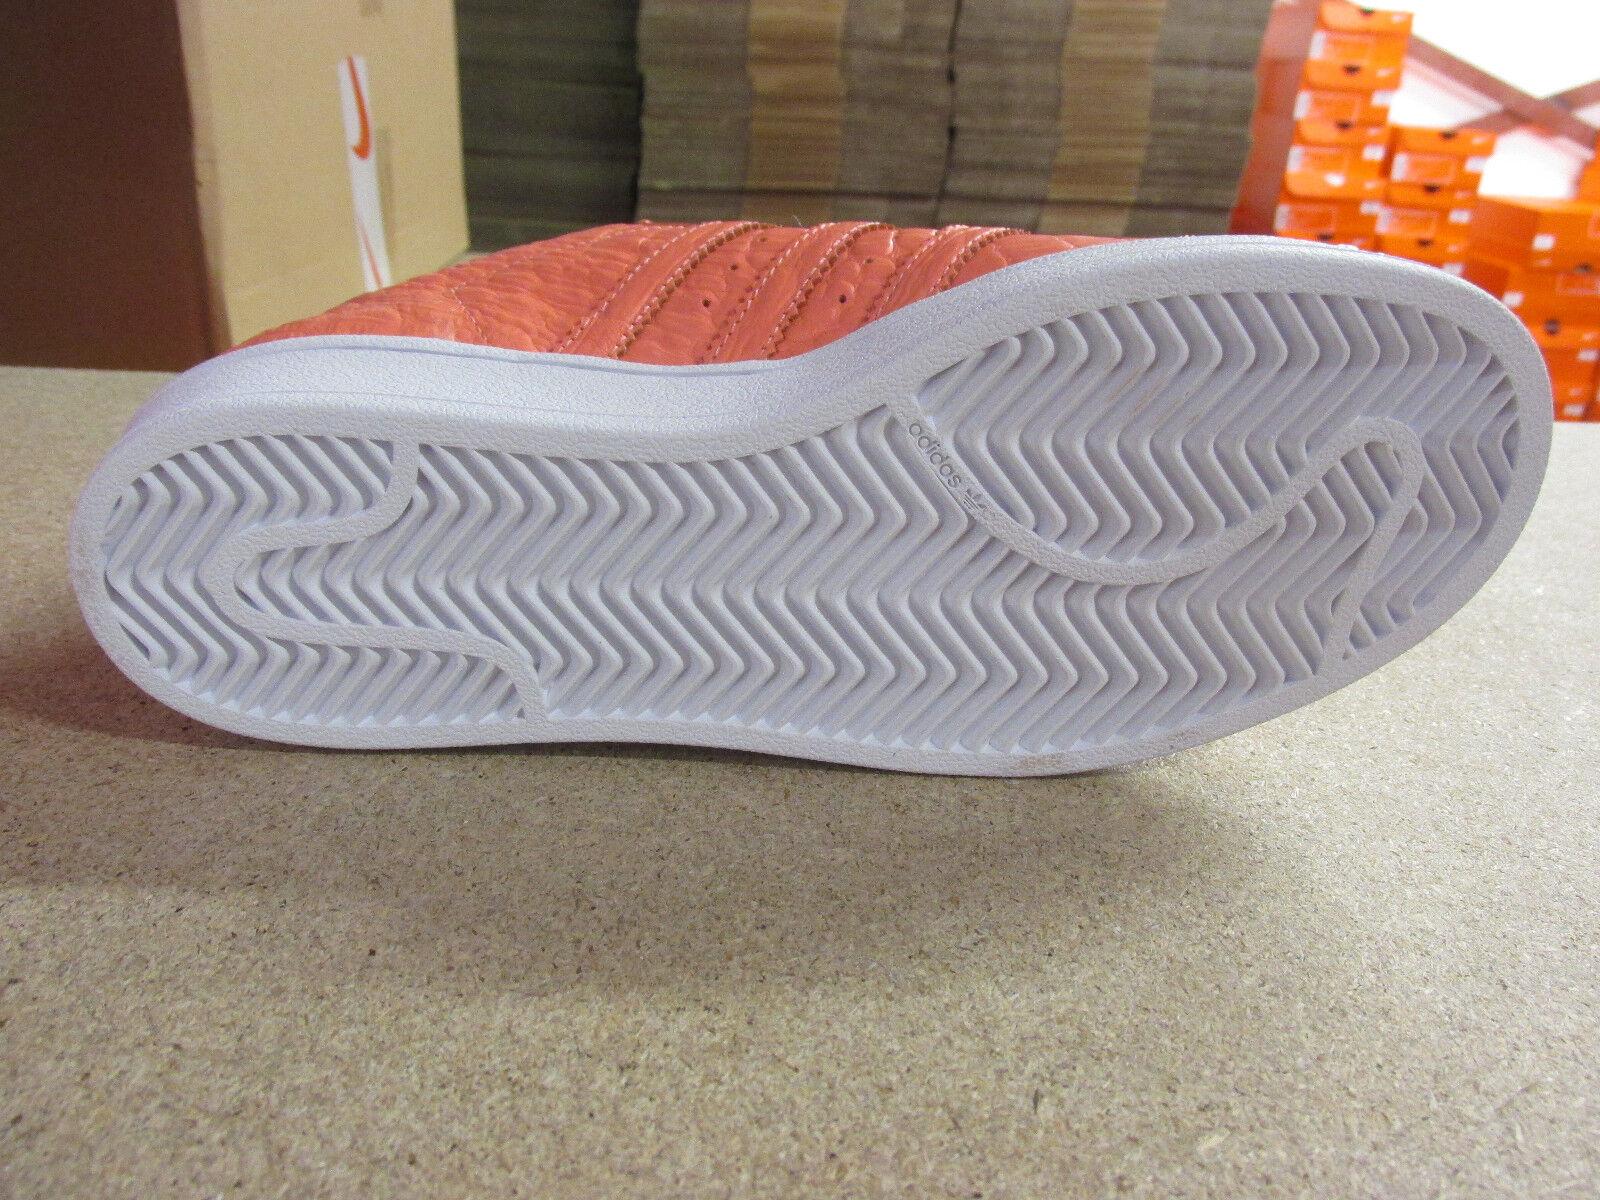 Adidas originals superstar AQ2721 AQ2721 AQ2721 womens trainers sneakers shoes 5d7806